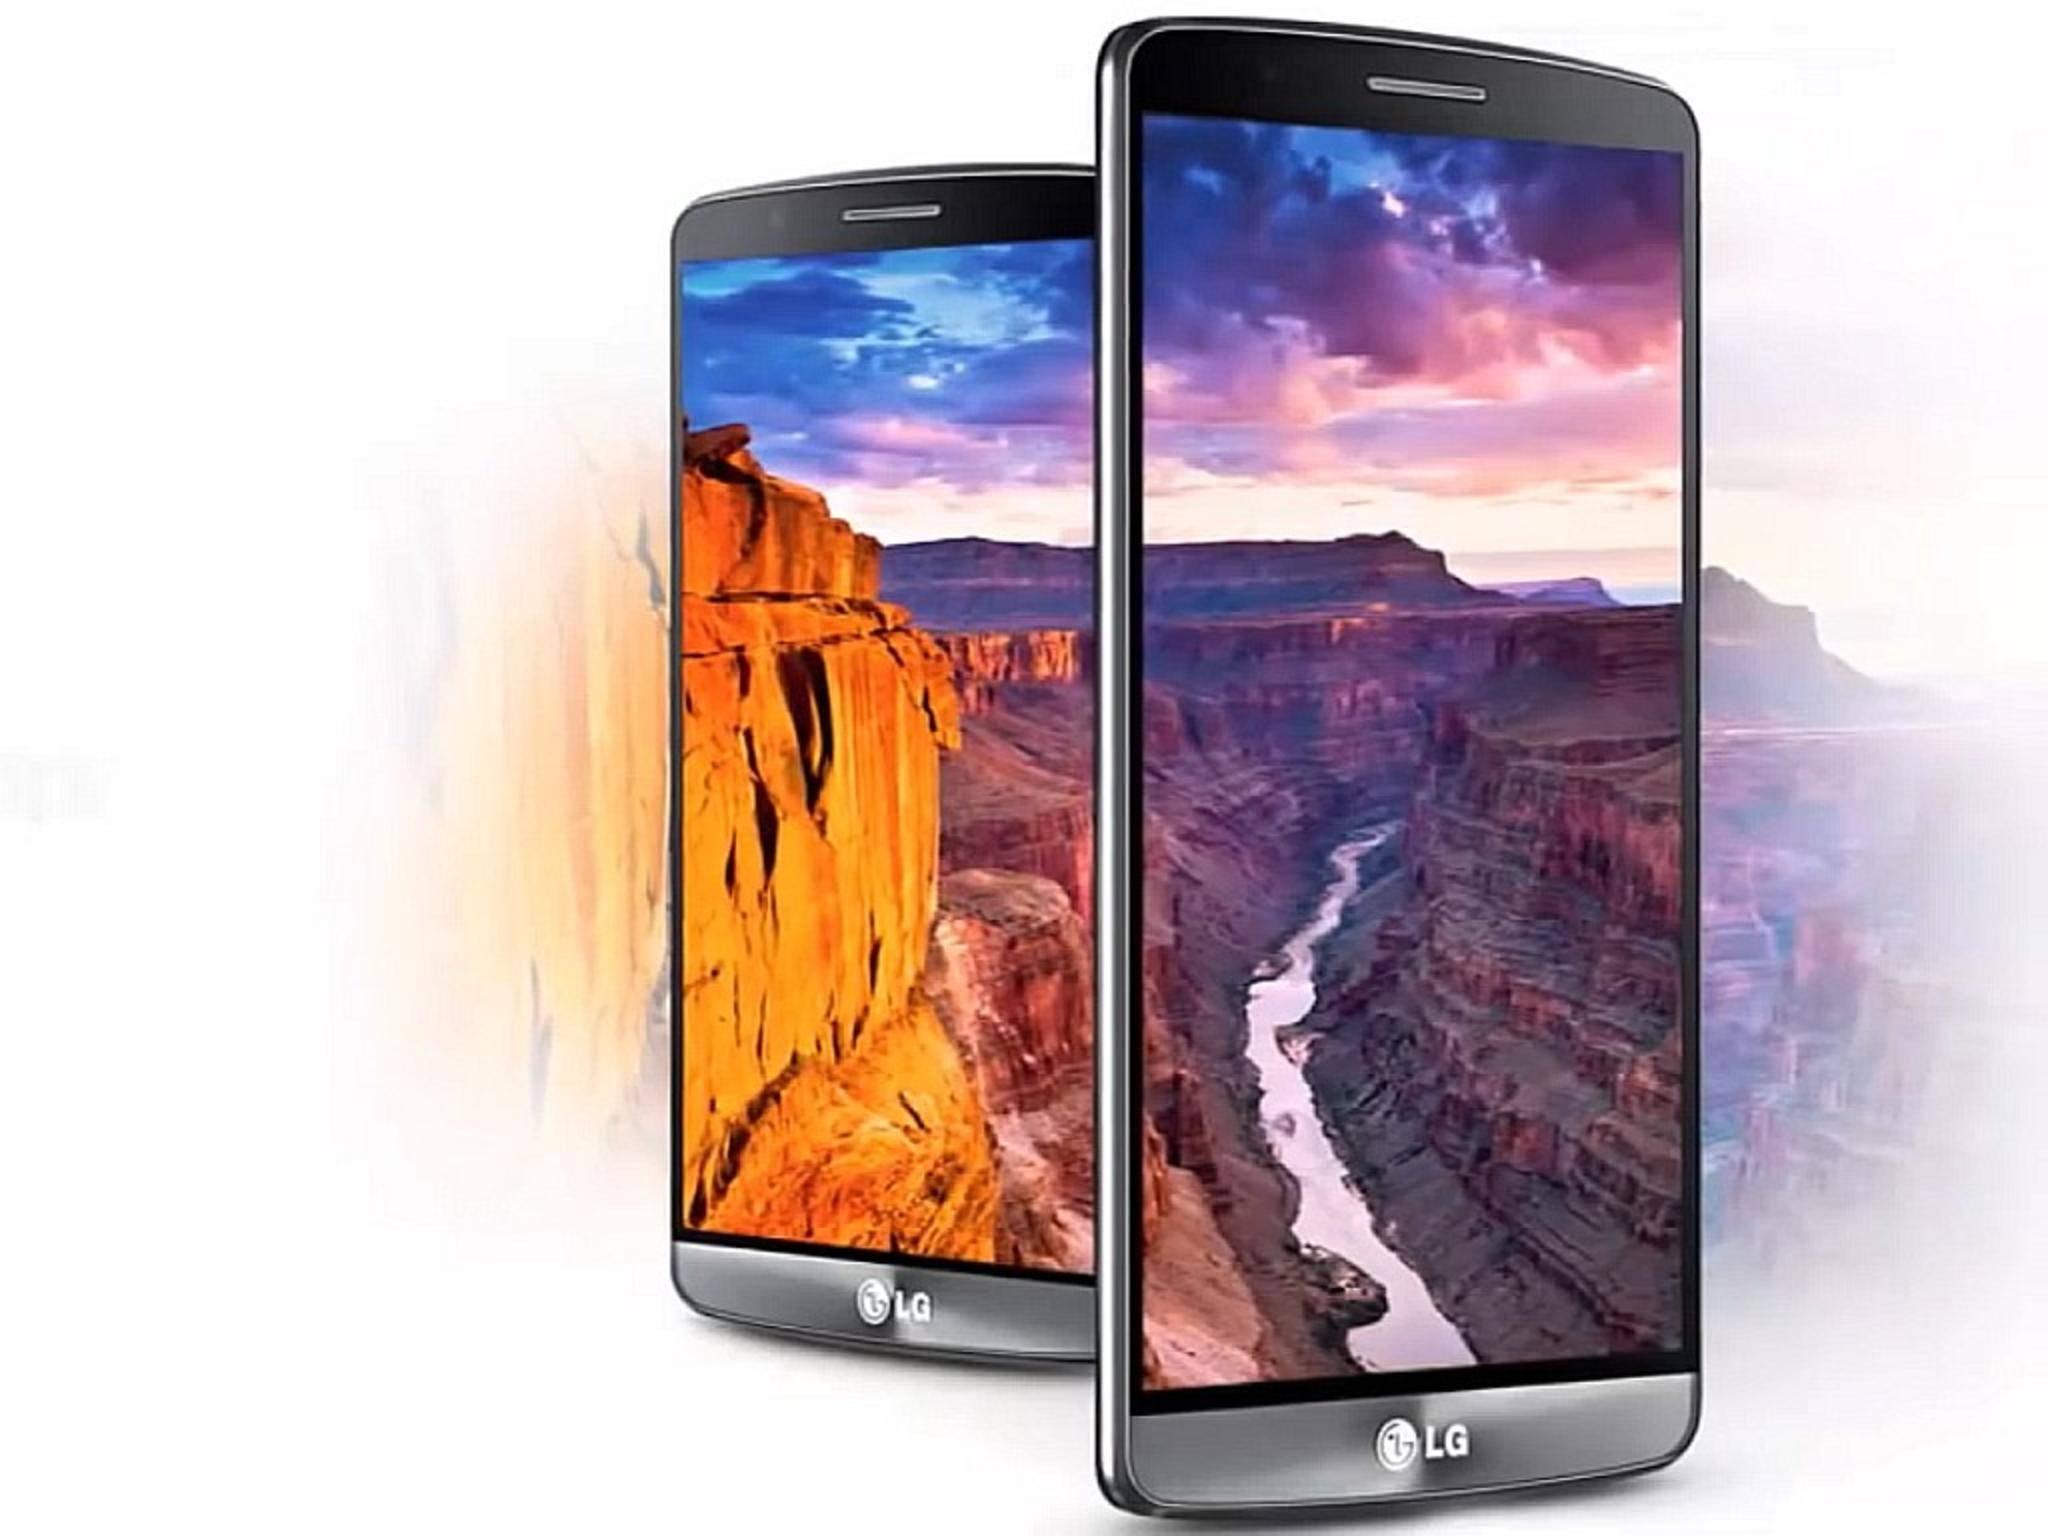 Das Design des LG G4 soll sich deutlich von der Konkurrenz unterscheiden.